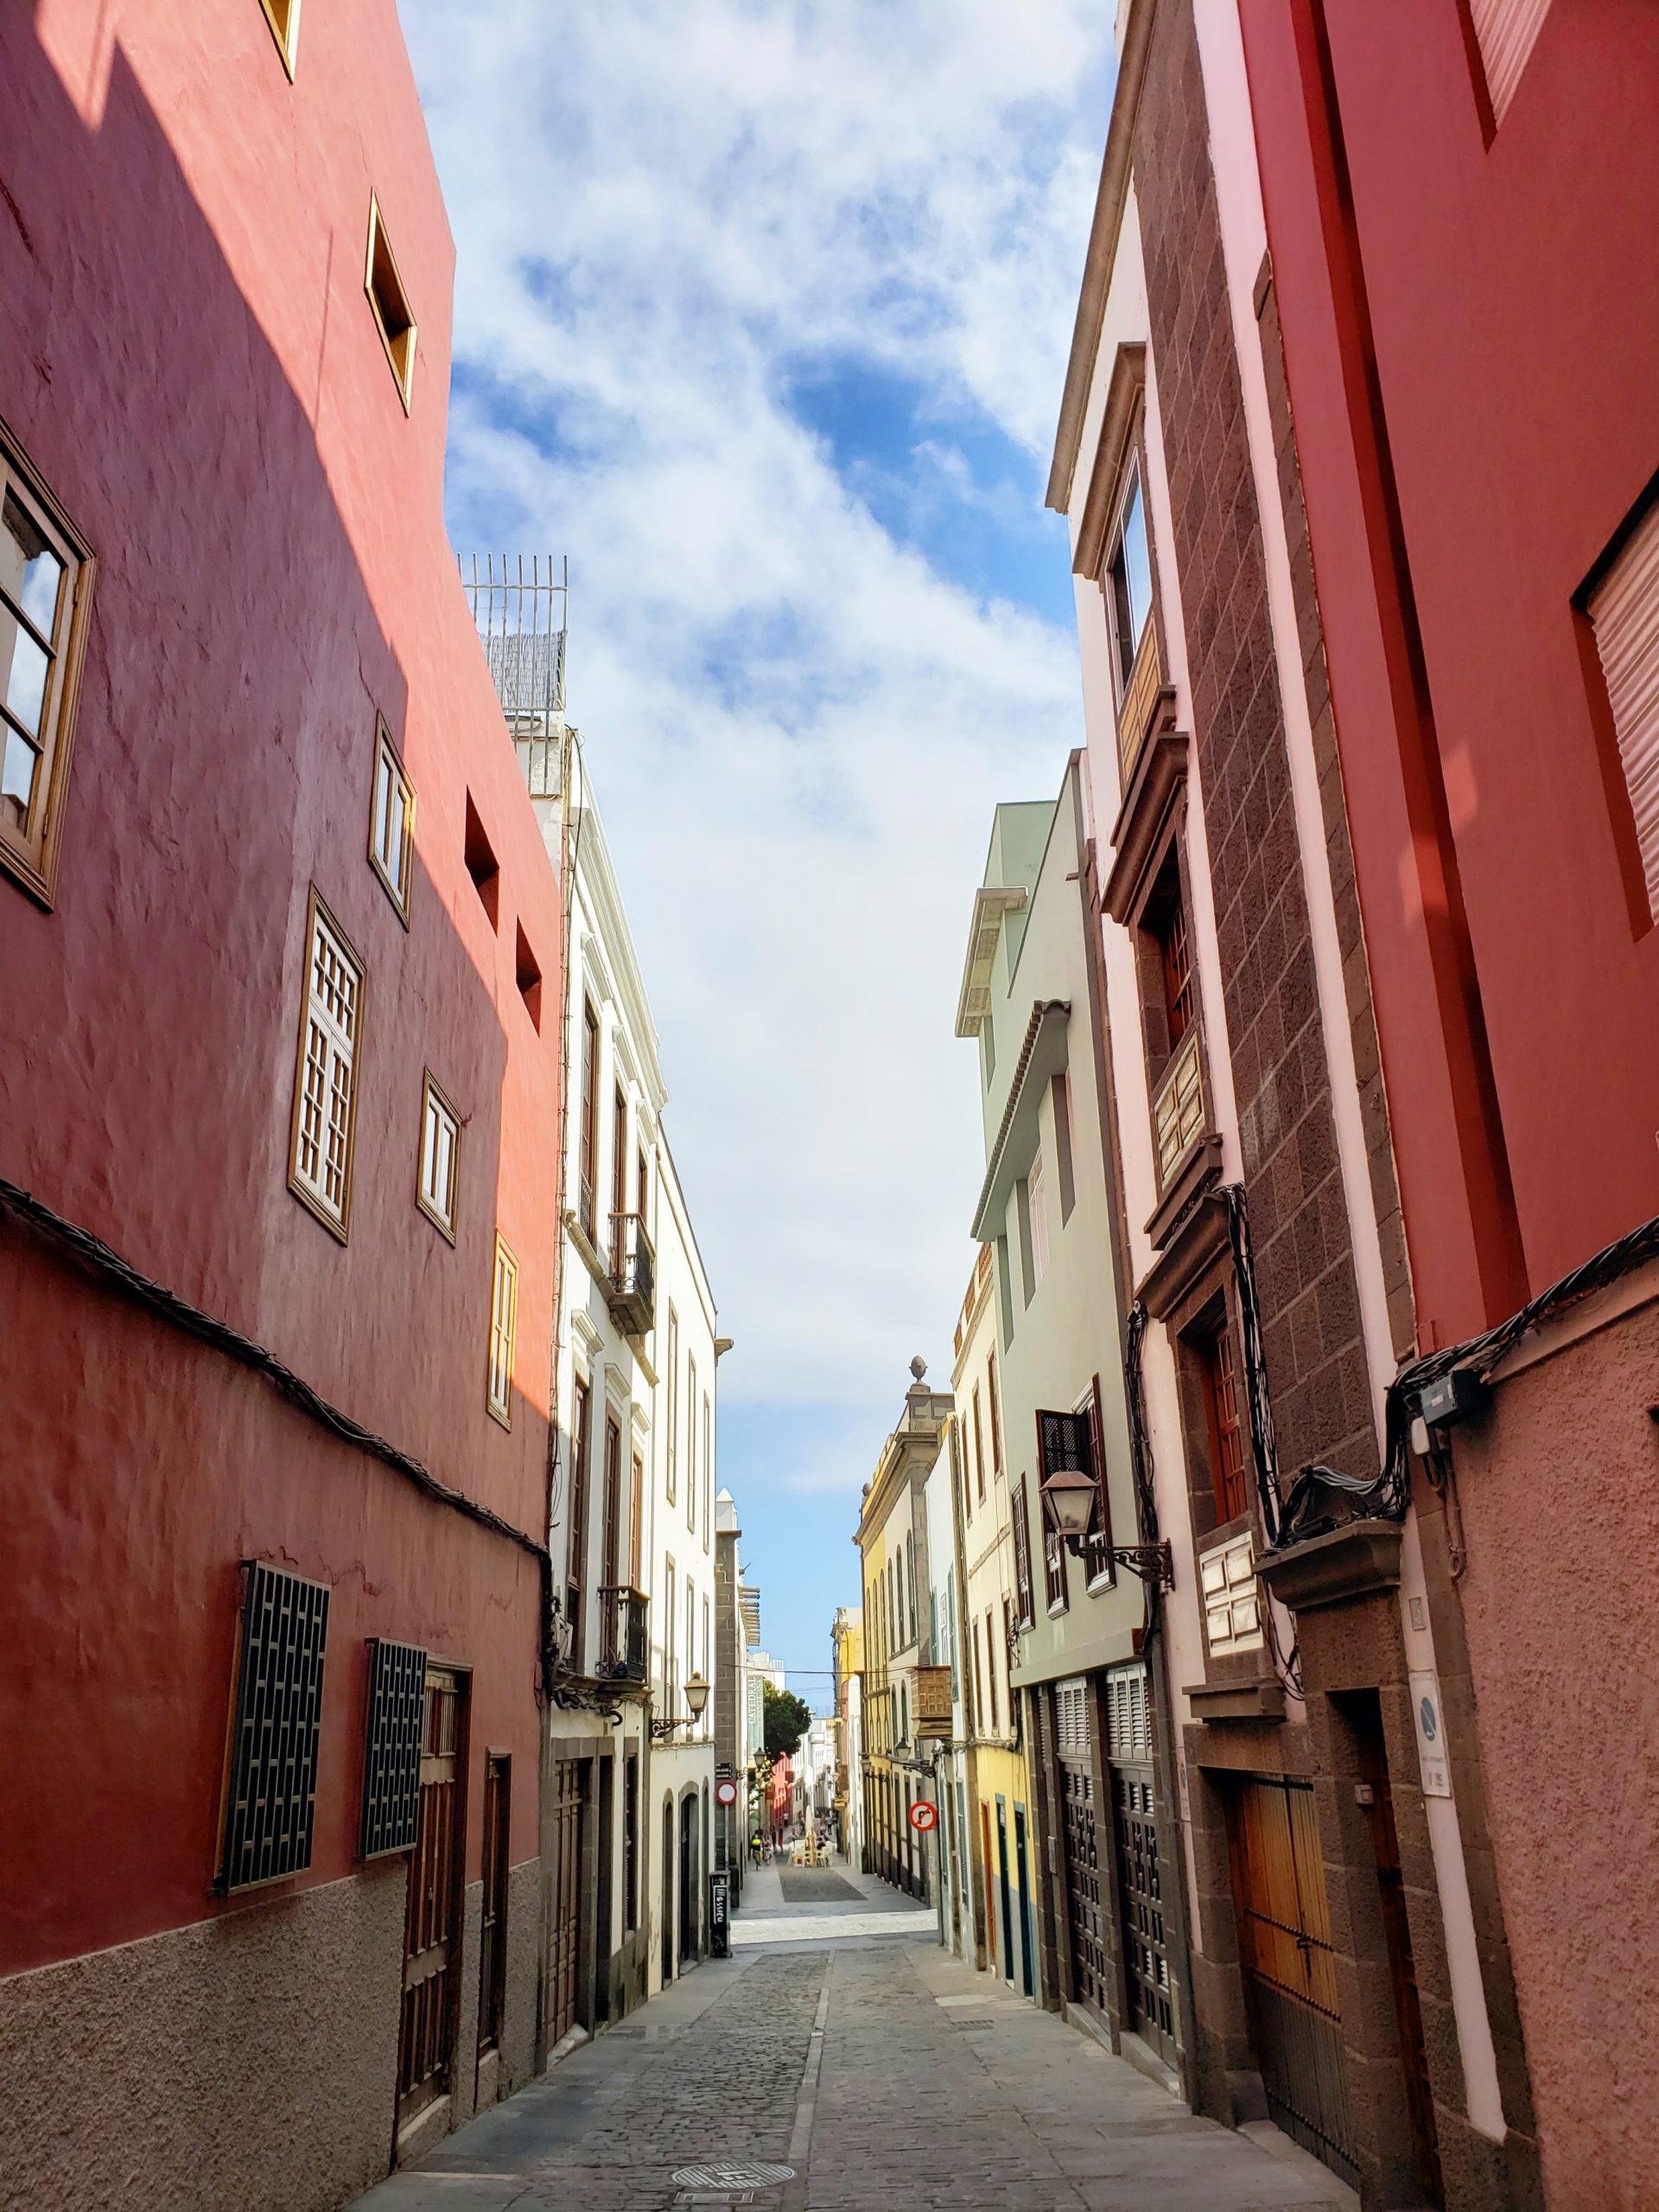 Things_To_Do_In_Las_Palmas_De_Gran_Canaria